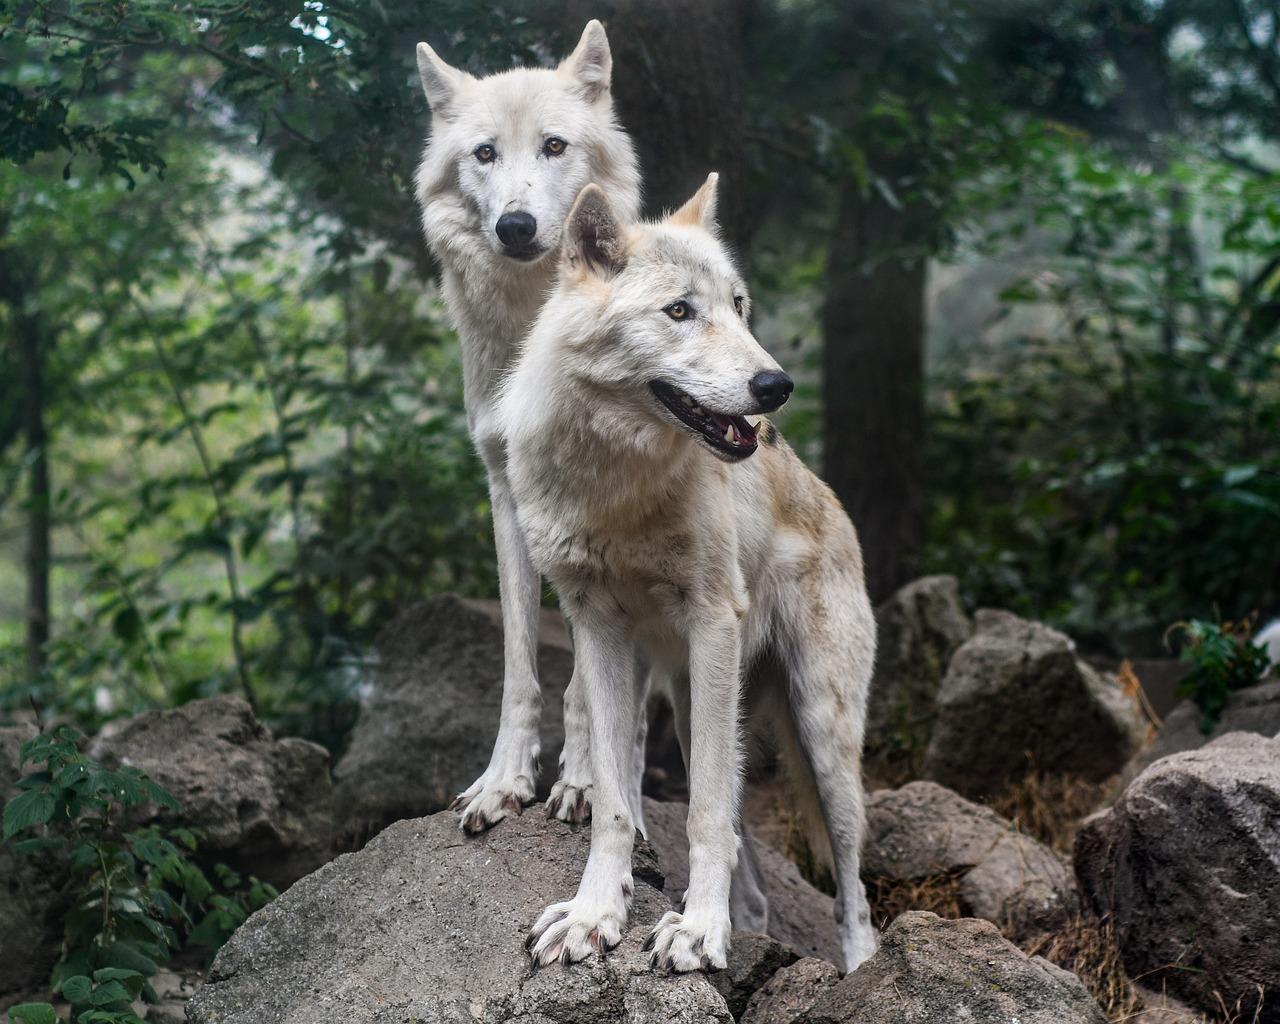 Vlk Dravec Z Nich Voľne Žijúcich - Fotografia zdarma na Pixabay